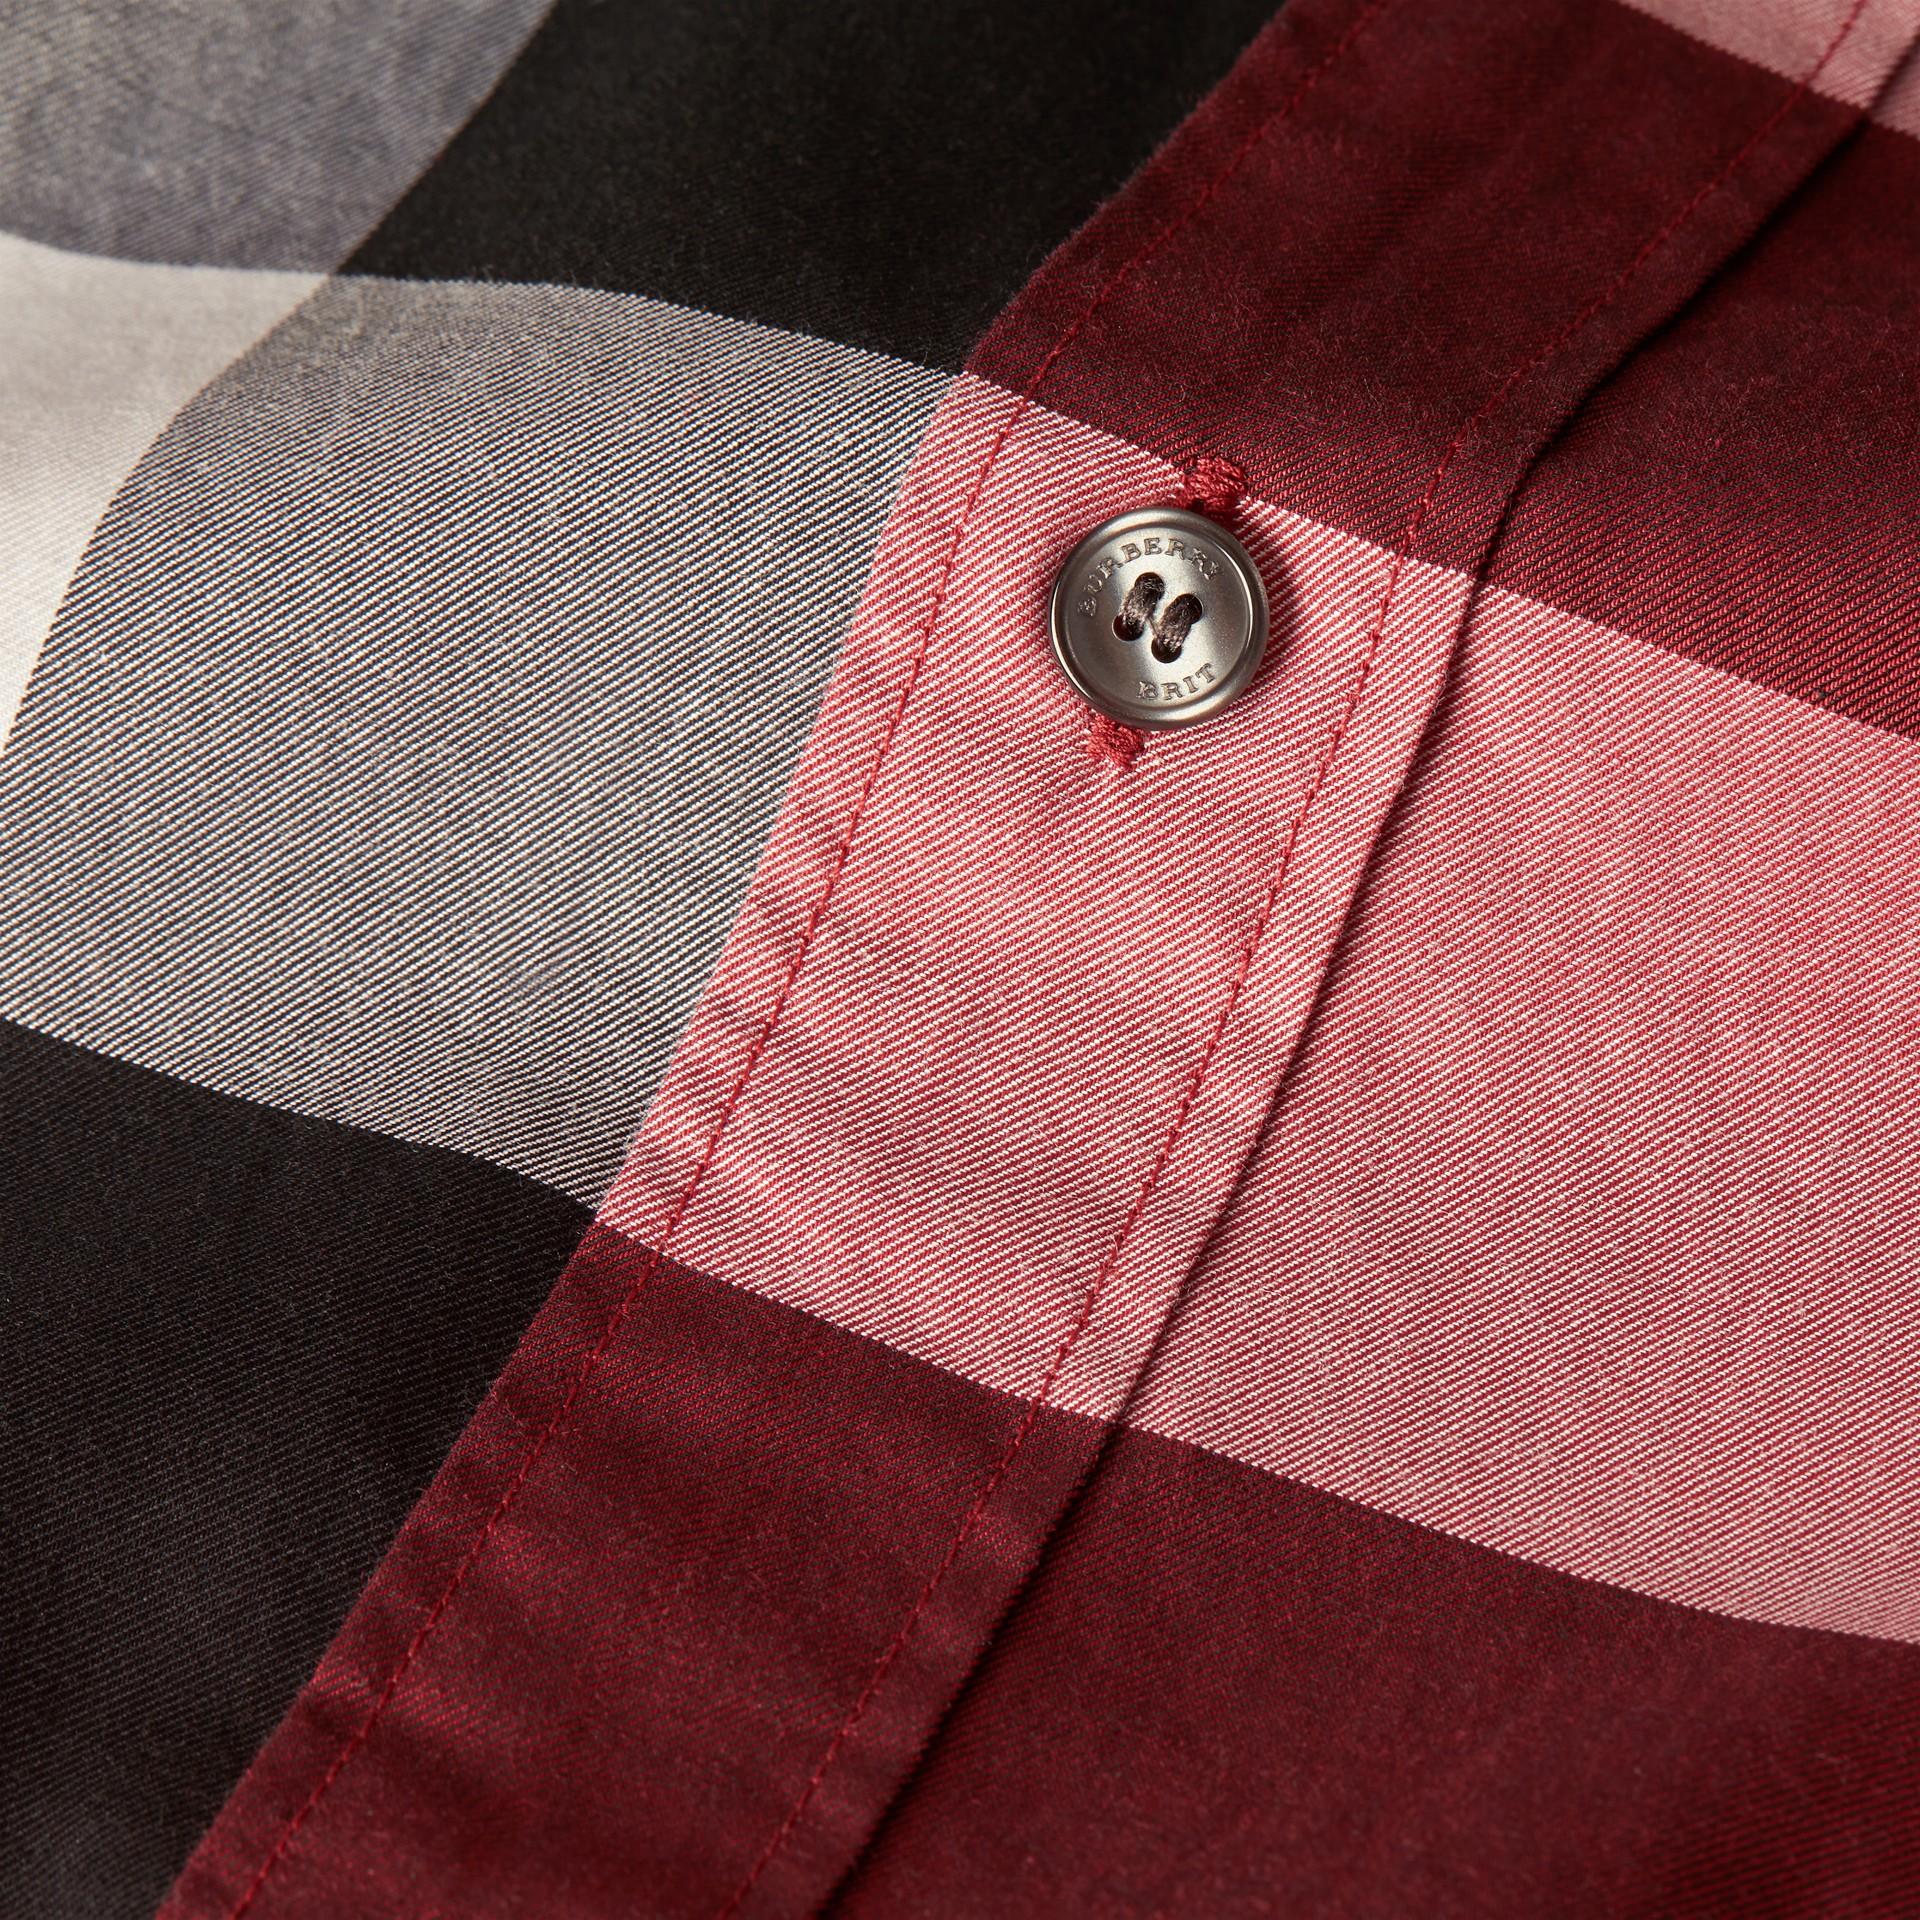 Berry red Camisa de algodão com estampa xadrez e mangas curtas Berry Red - galeria de imagens 2